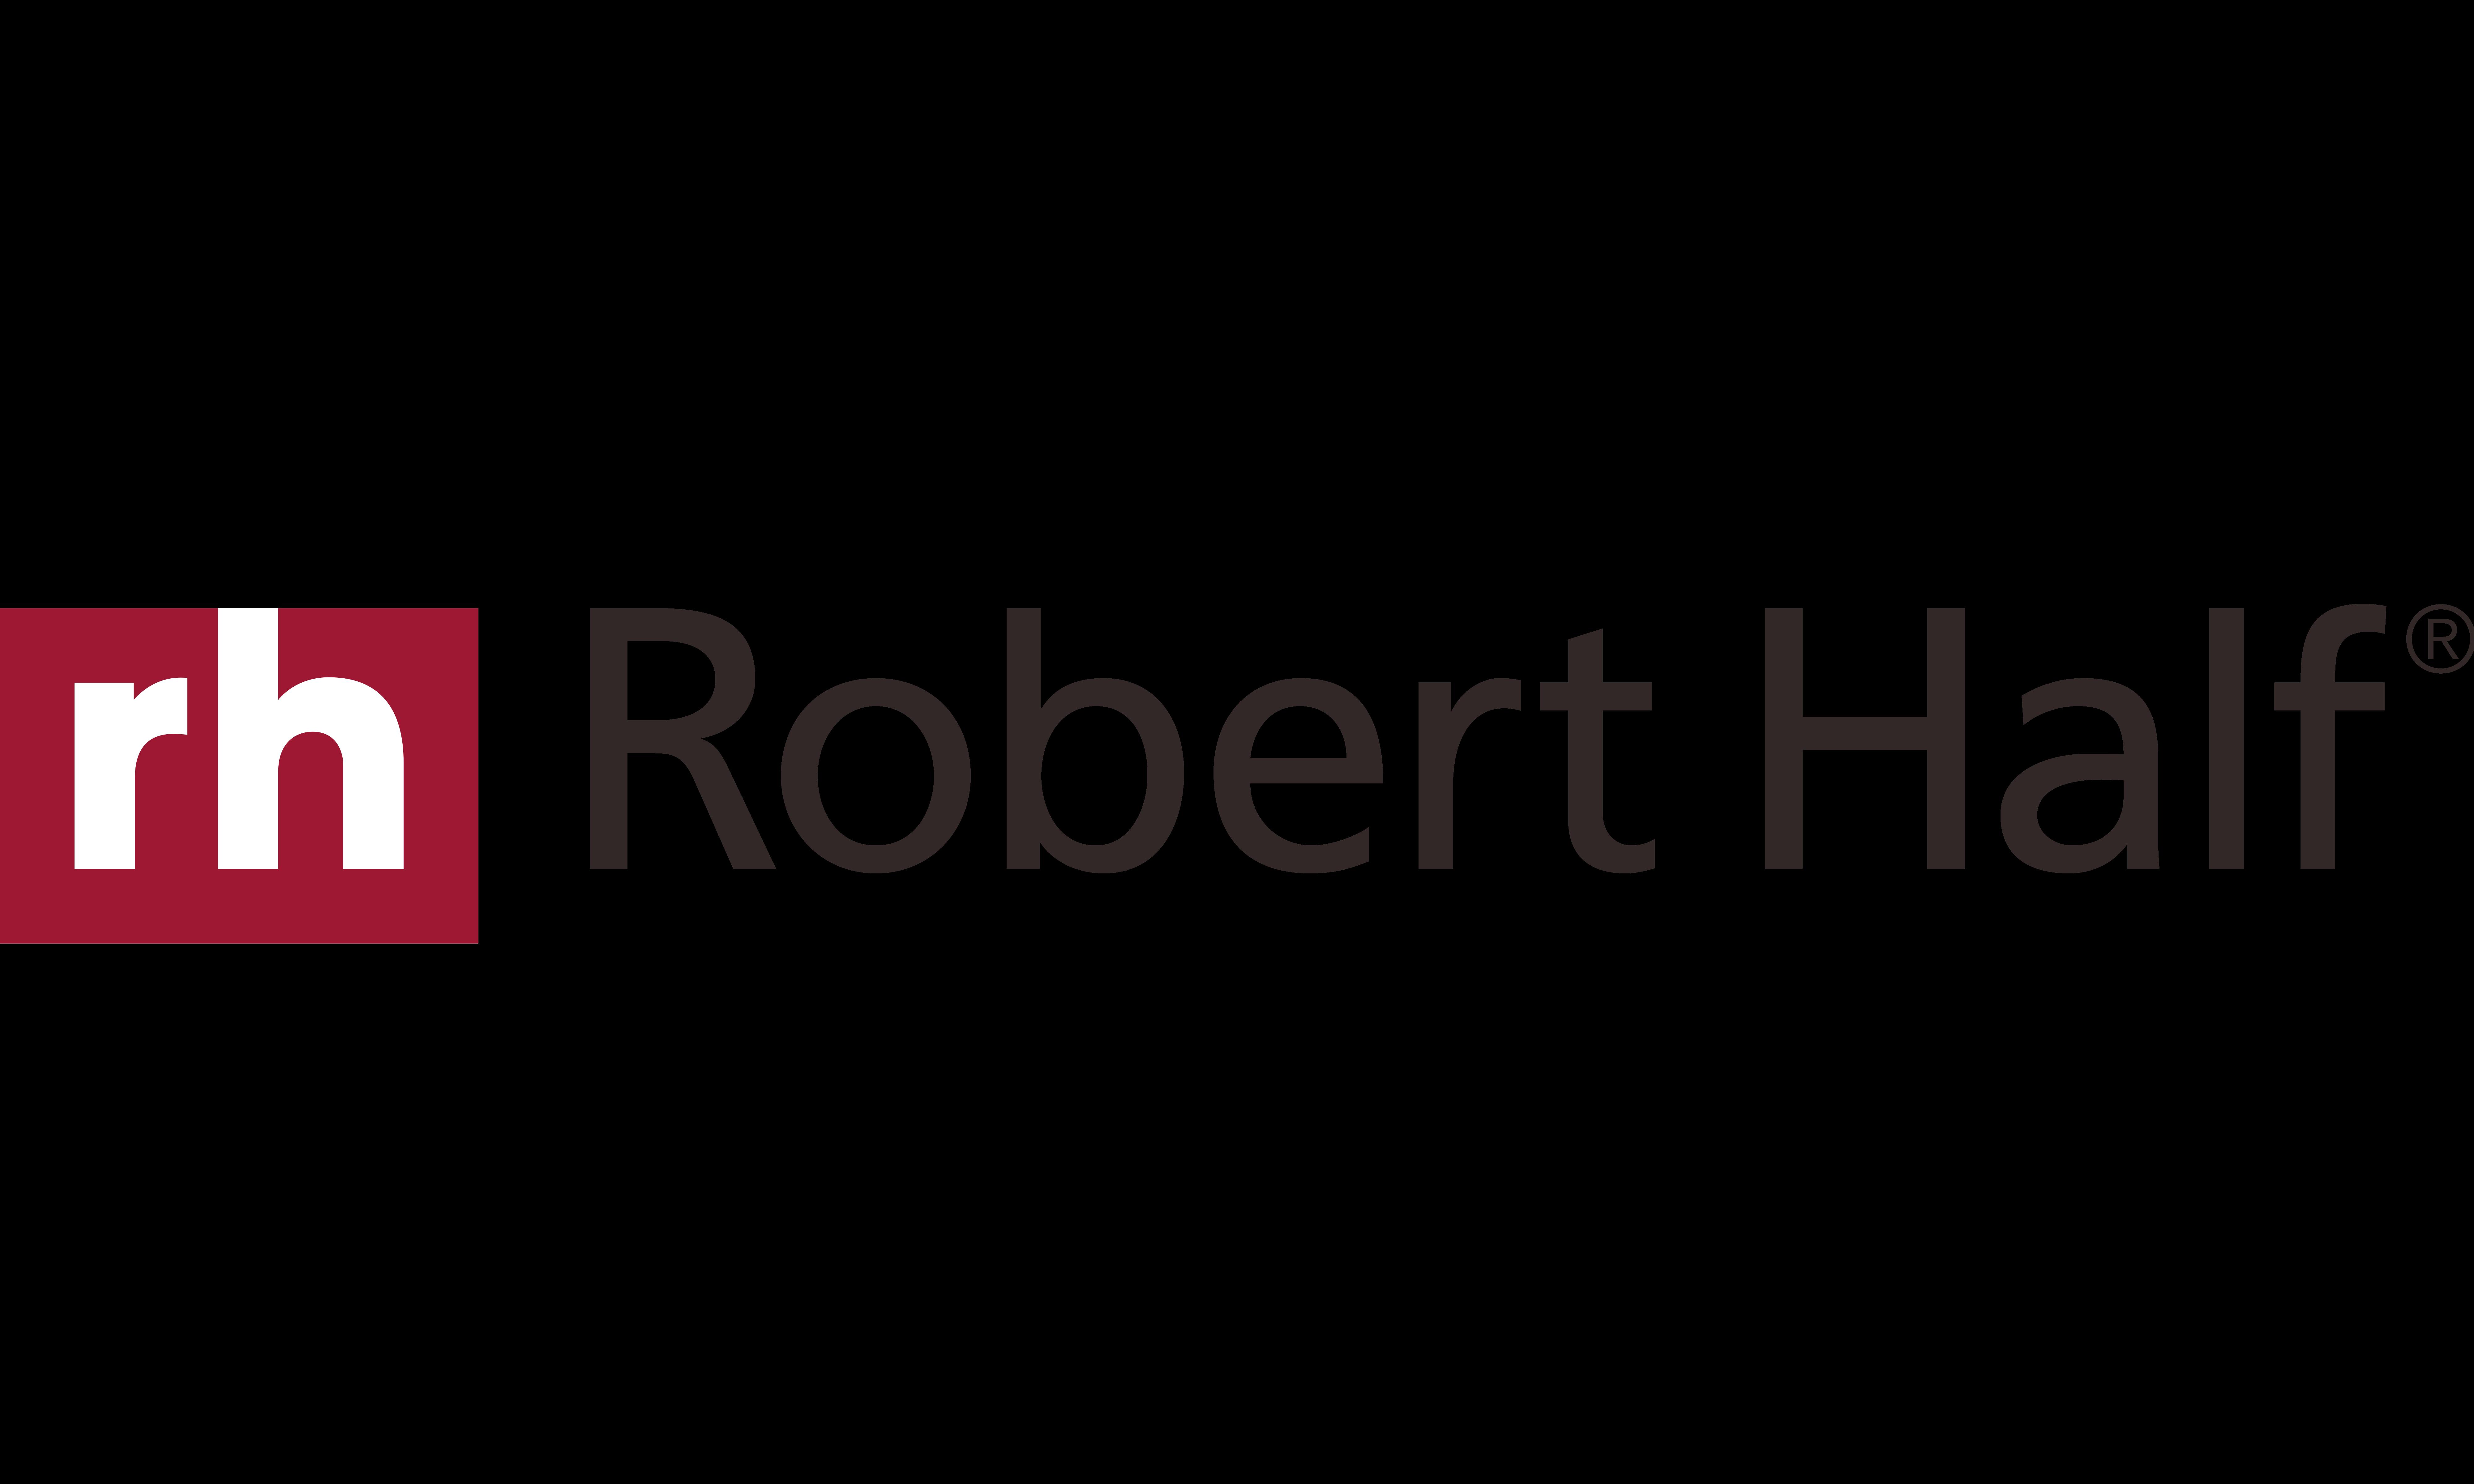 Robert Half DeutschlandLogo Image